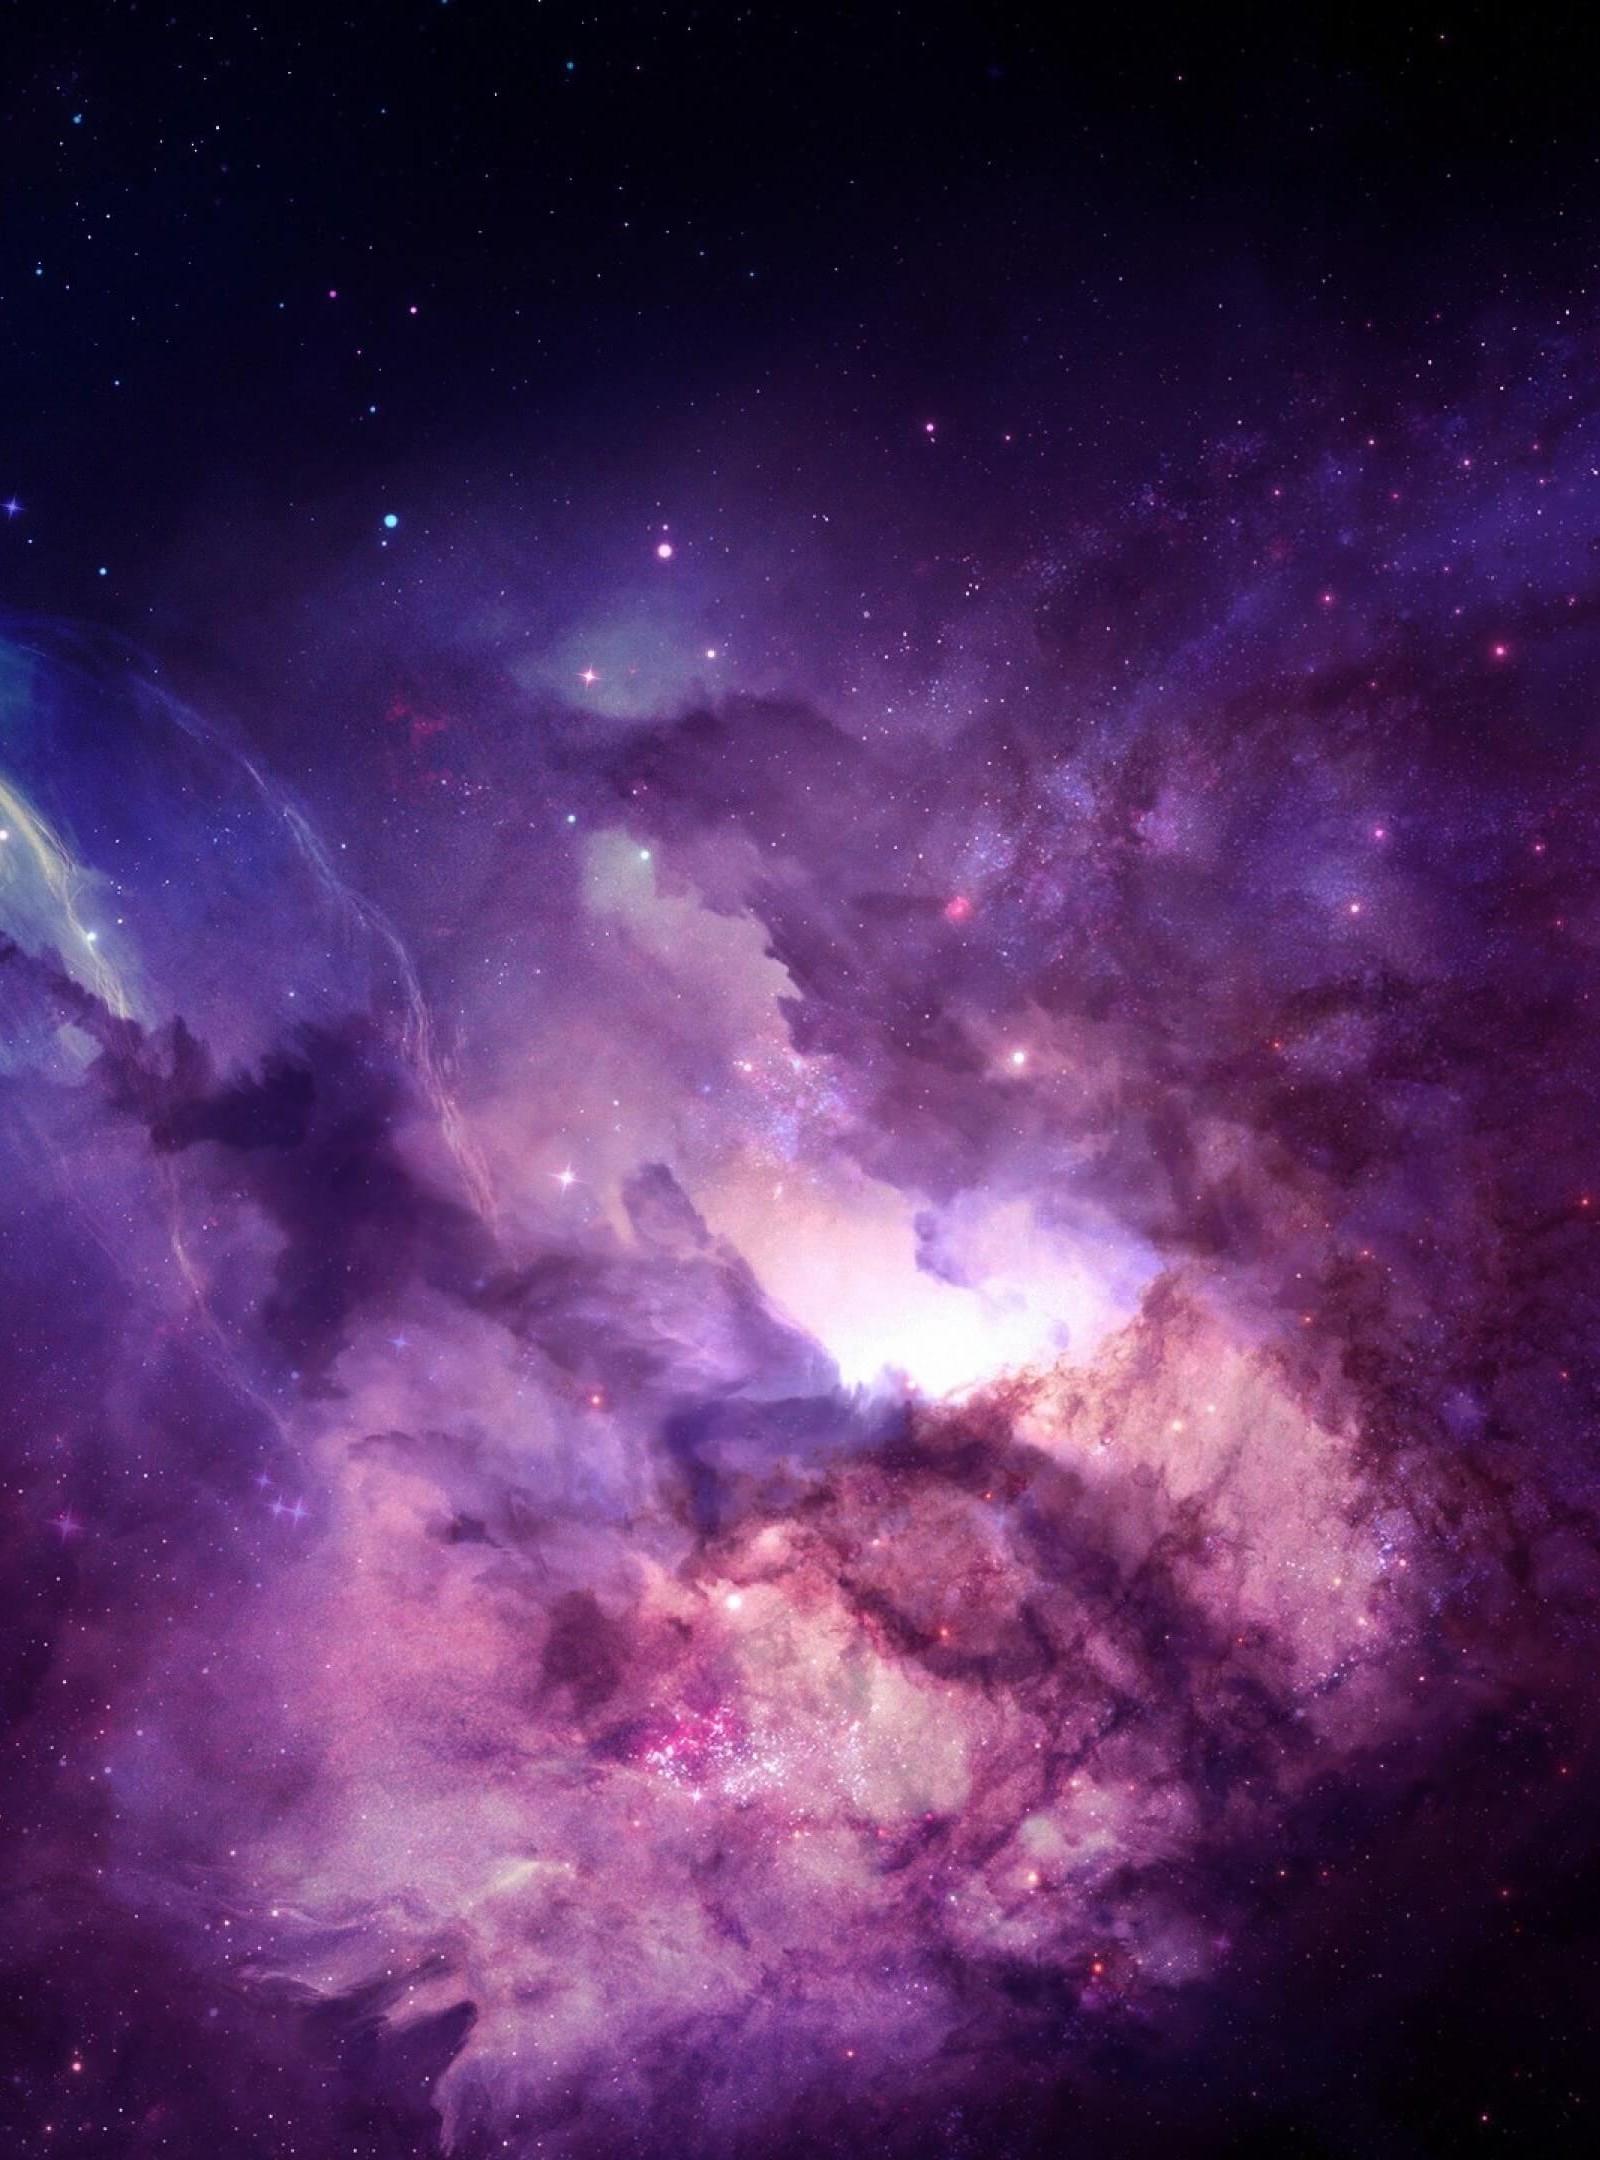 Purple Nebula HD wallpaper for Kindle Fire HDX 89   HDwallpapersnet 1600x2160